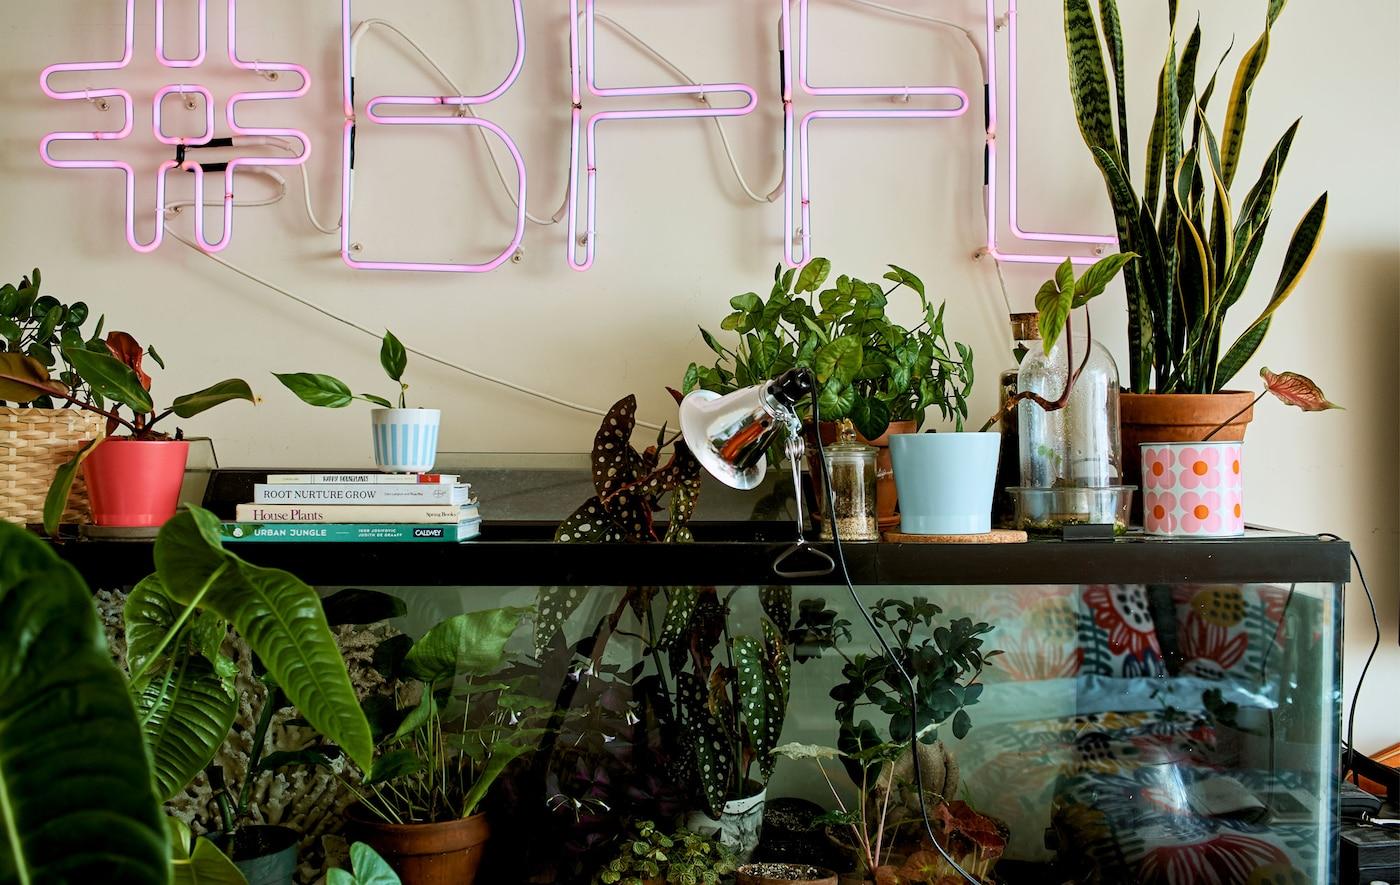 Makuuhuone, jossa on kasveja akvaariossa neon-valotaulu seinällä.